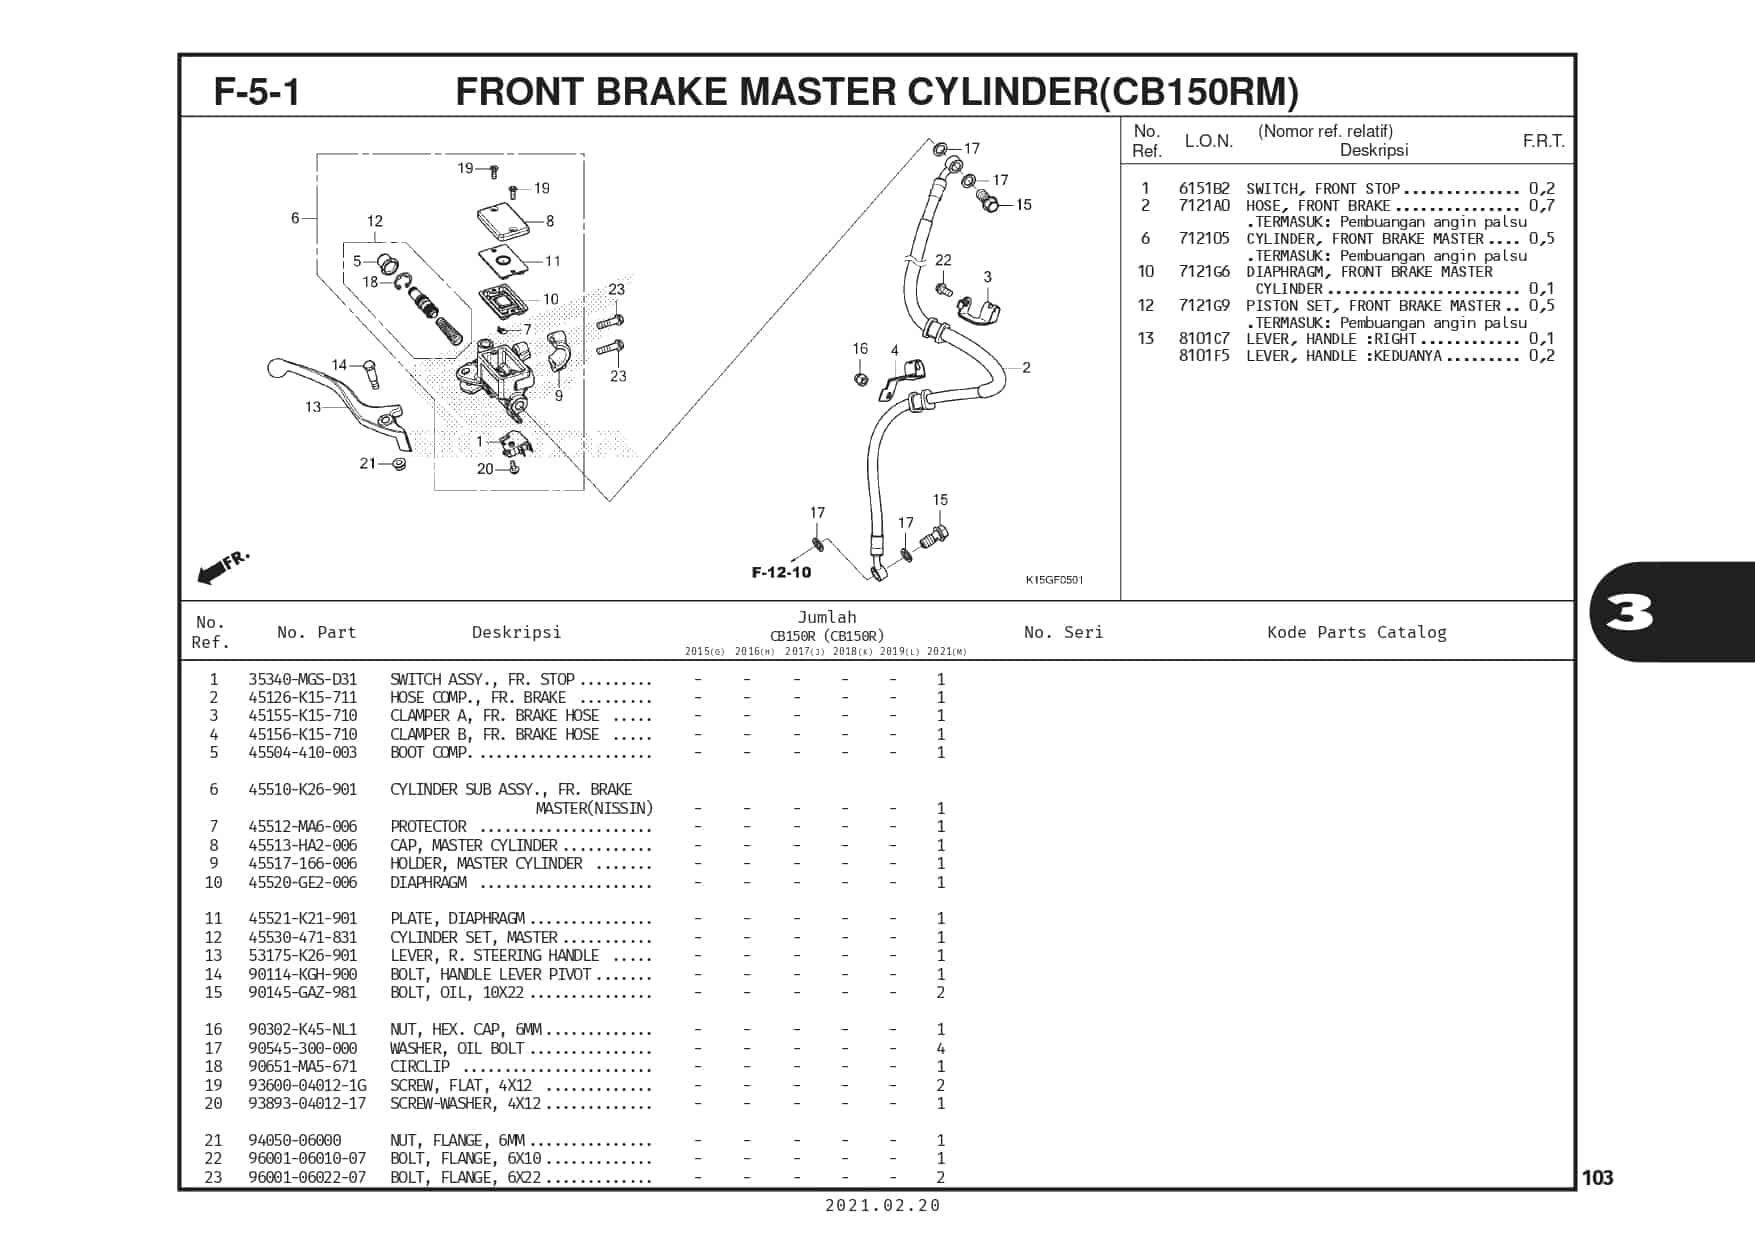 F-5-1 Front Brake Master Cylinder (CB150RM)